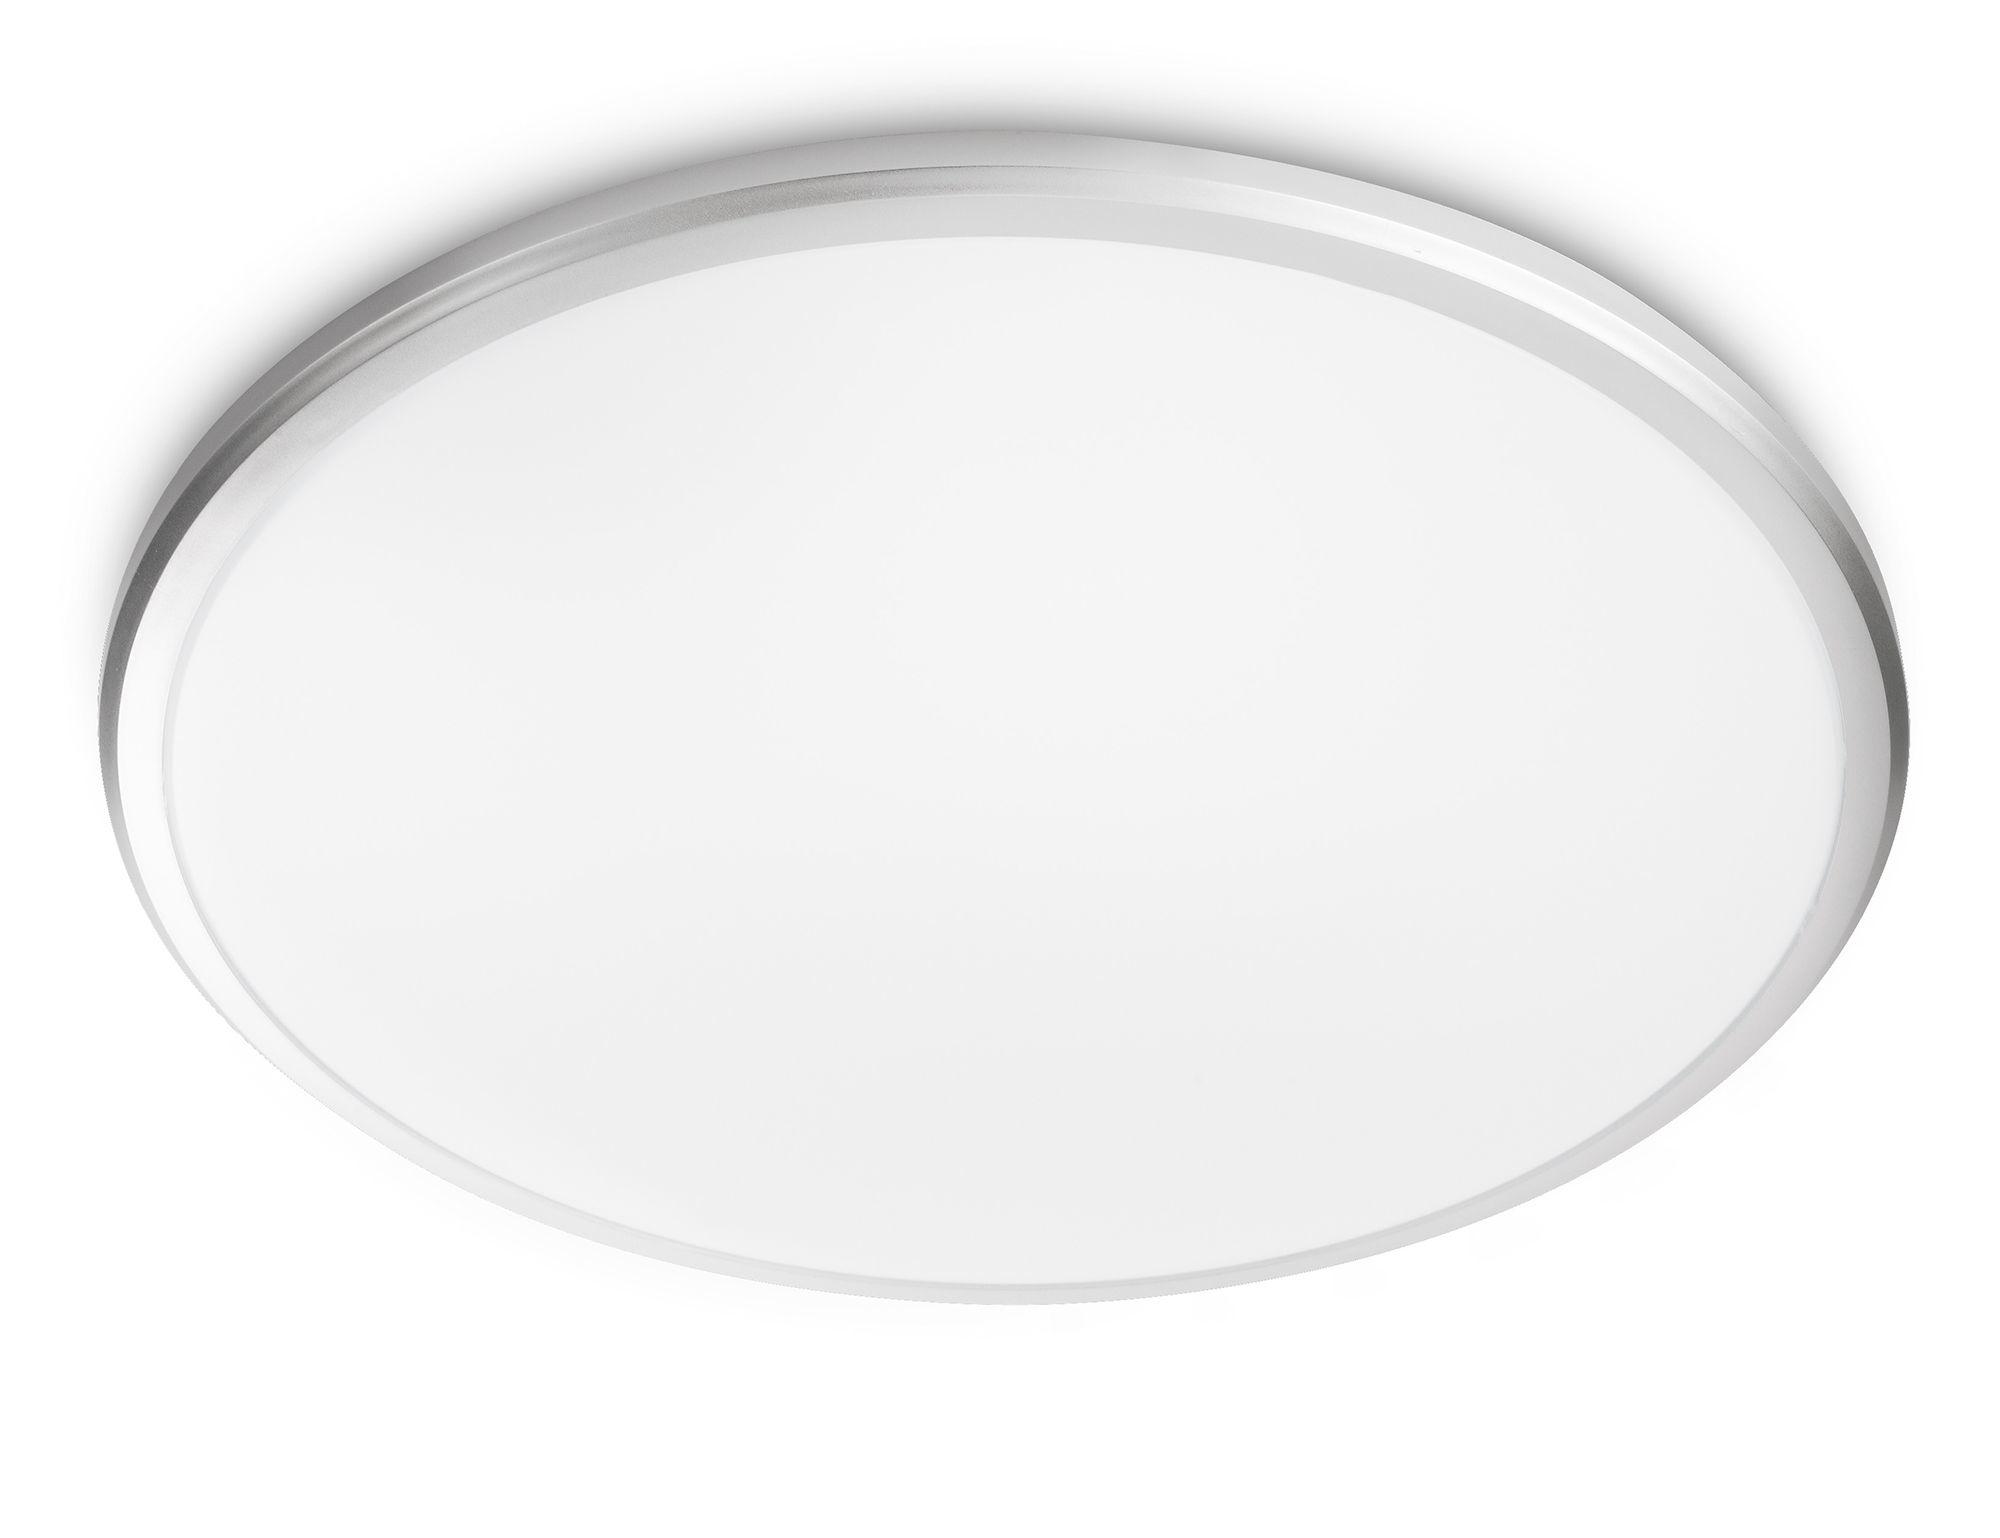 Plafoniere Quadrate Philips : Philips lampada da soffitto  confronta i prezzi e